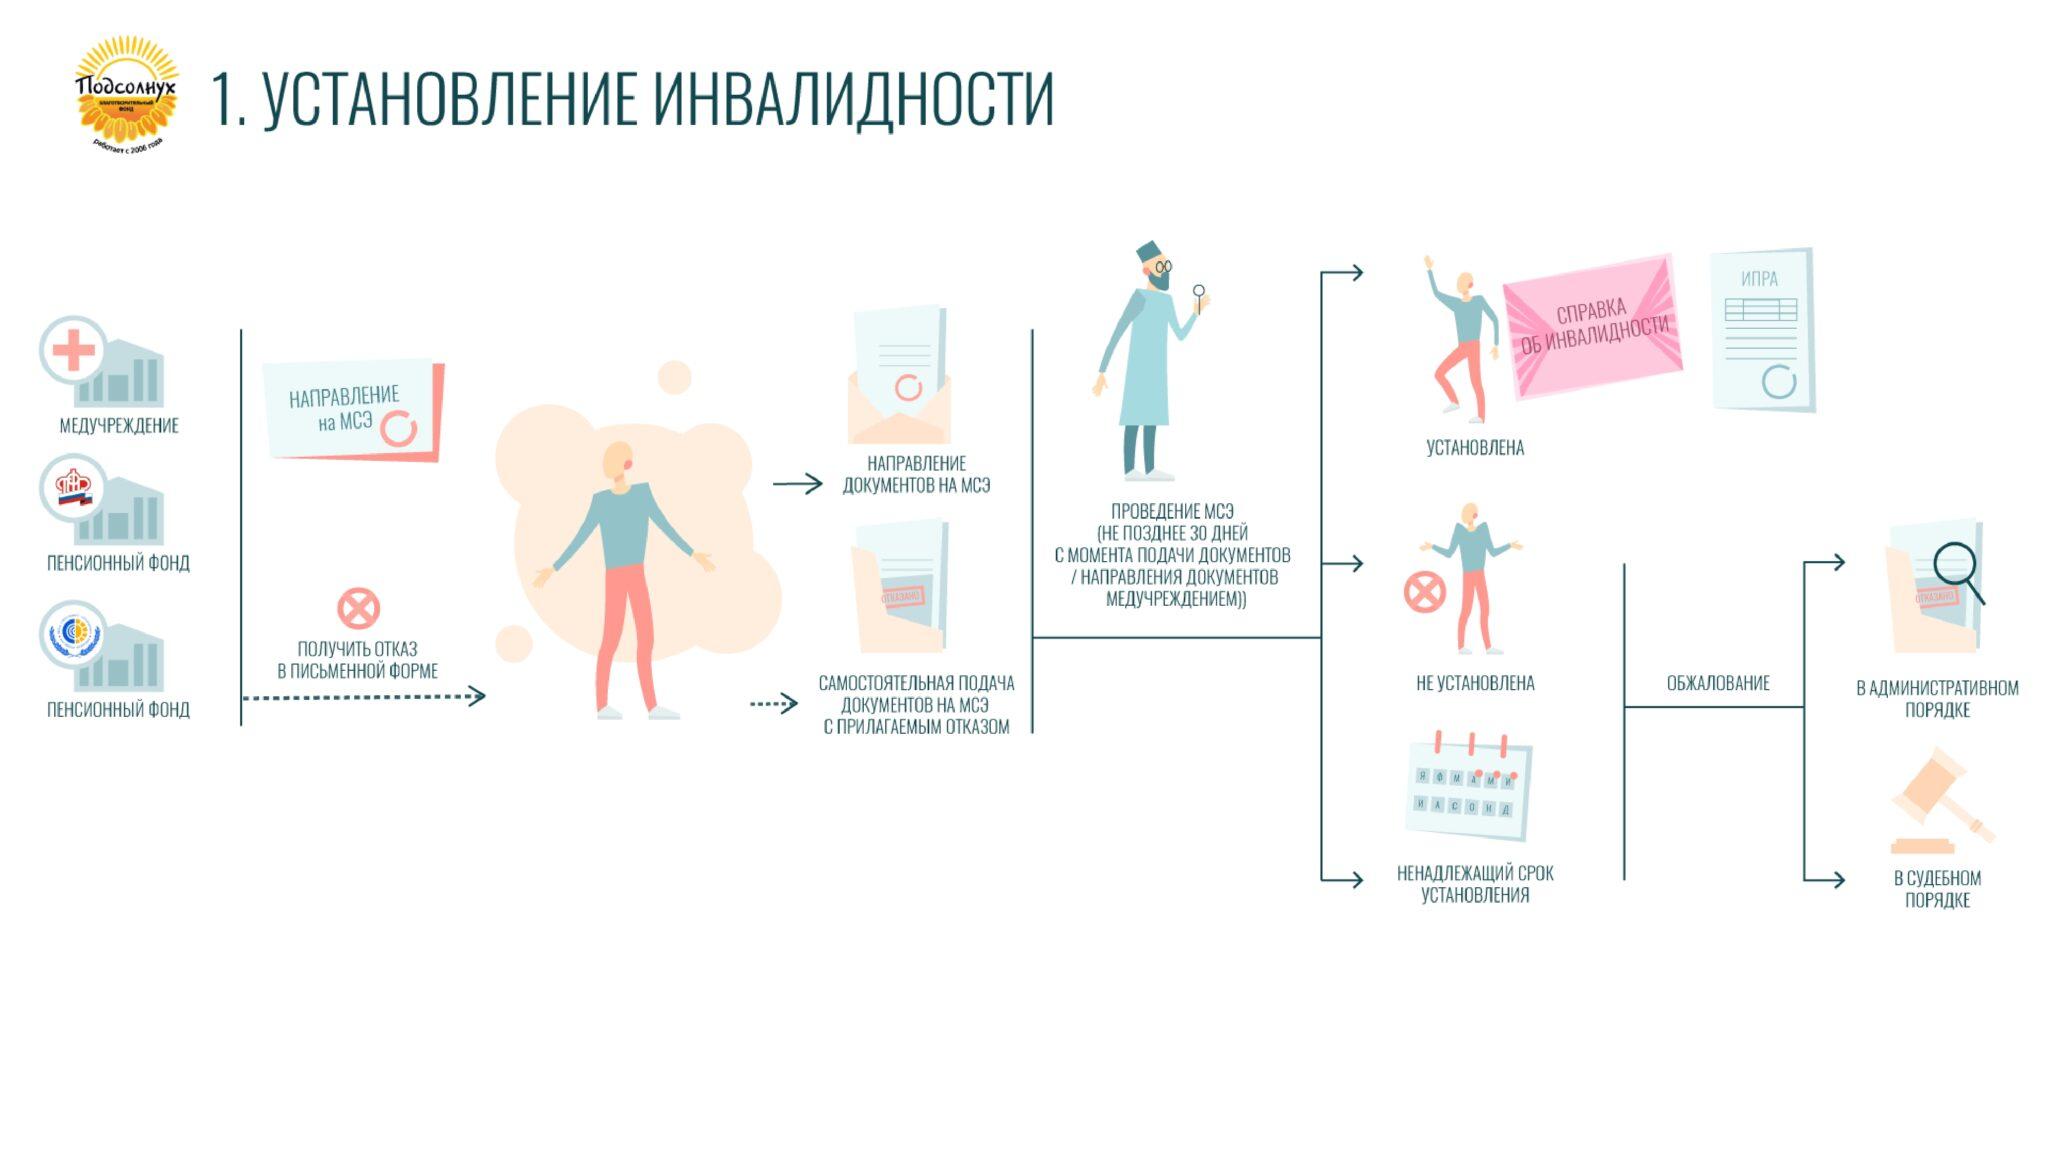 Дорожная карта_page-0002